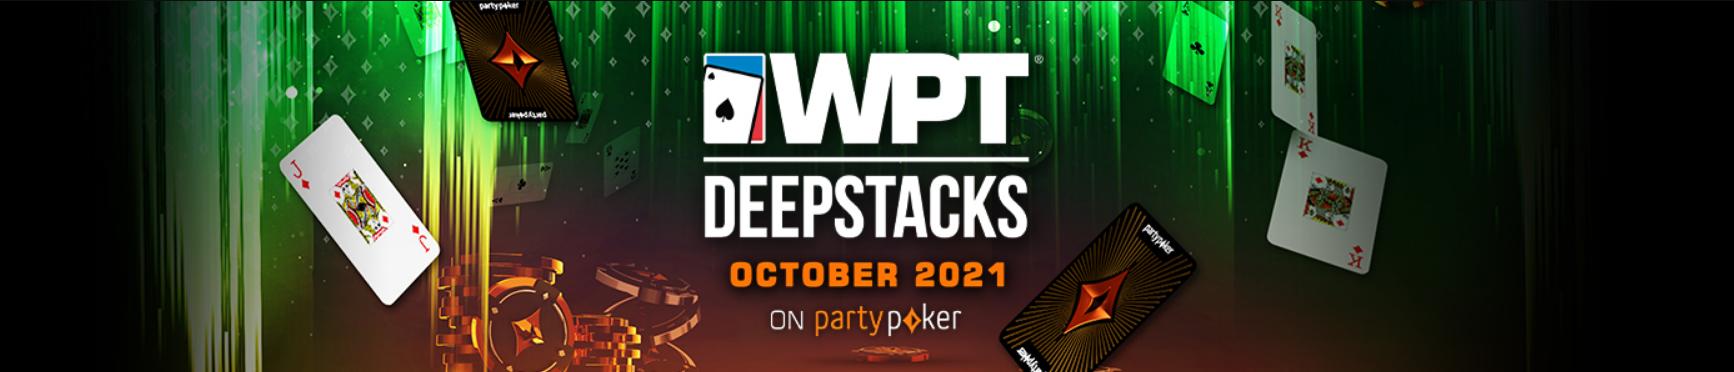 WPT Deepstacks